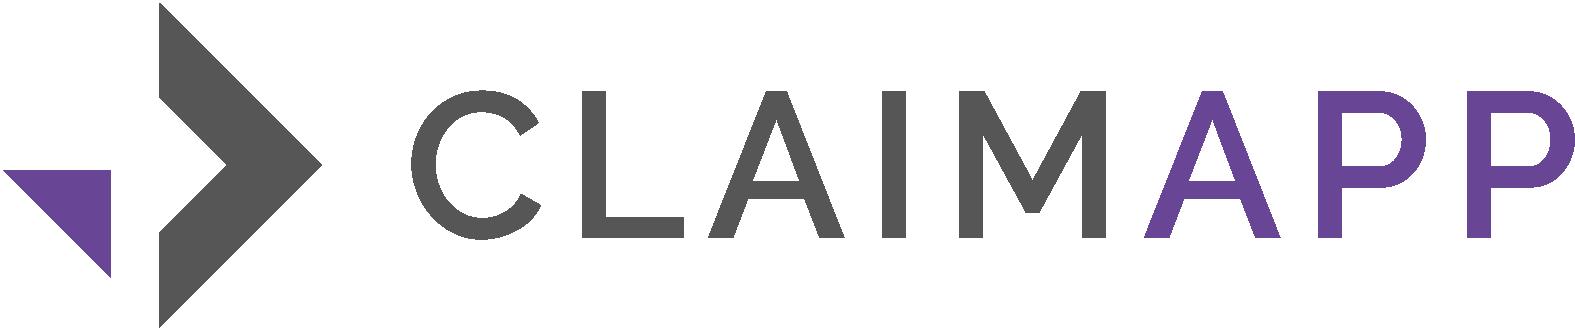 Claimapp logo